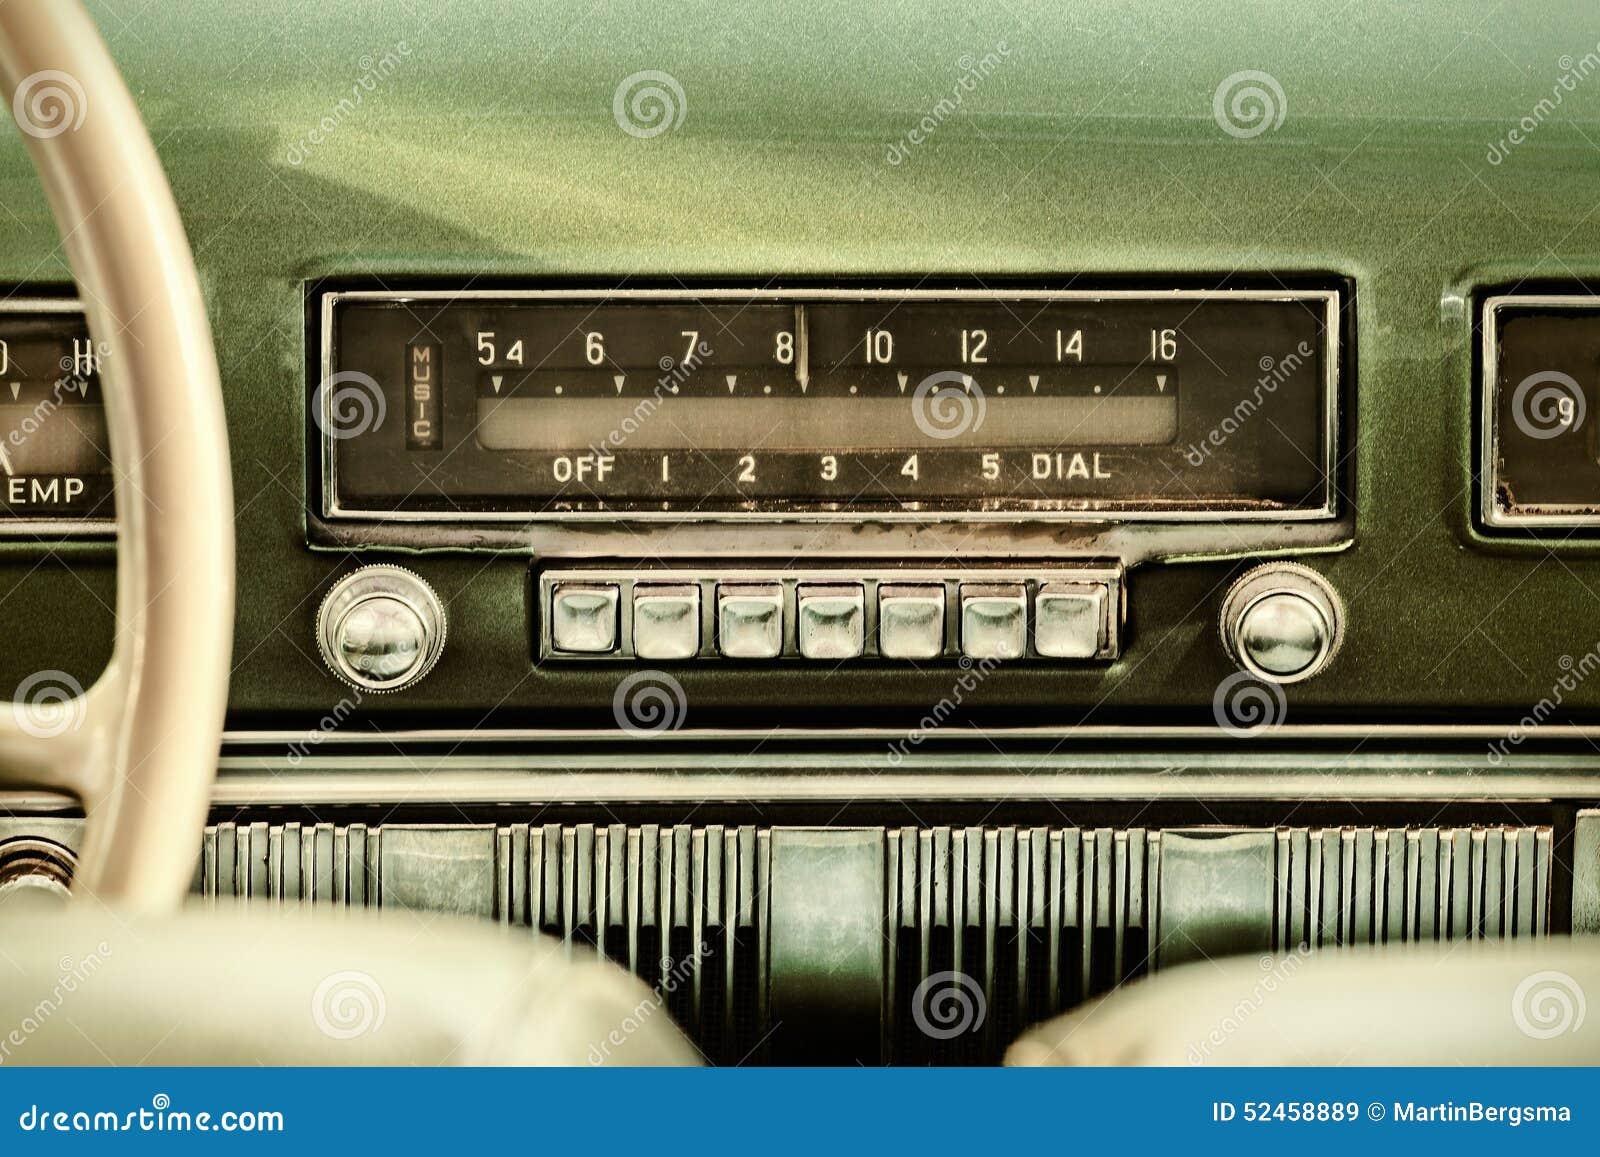 Retro utformad bild av en gammal bilradio